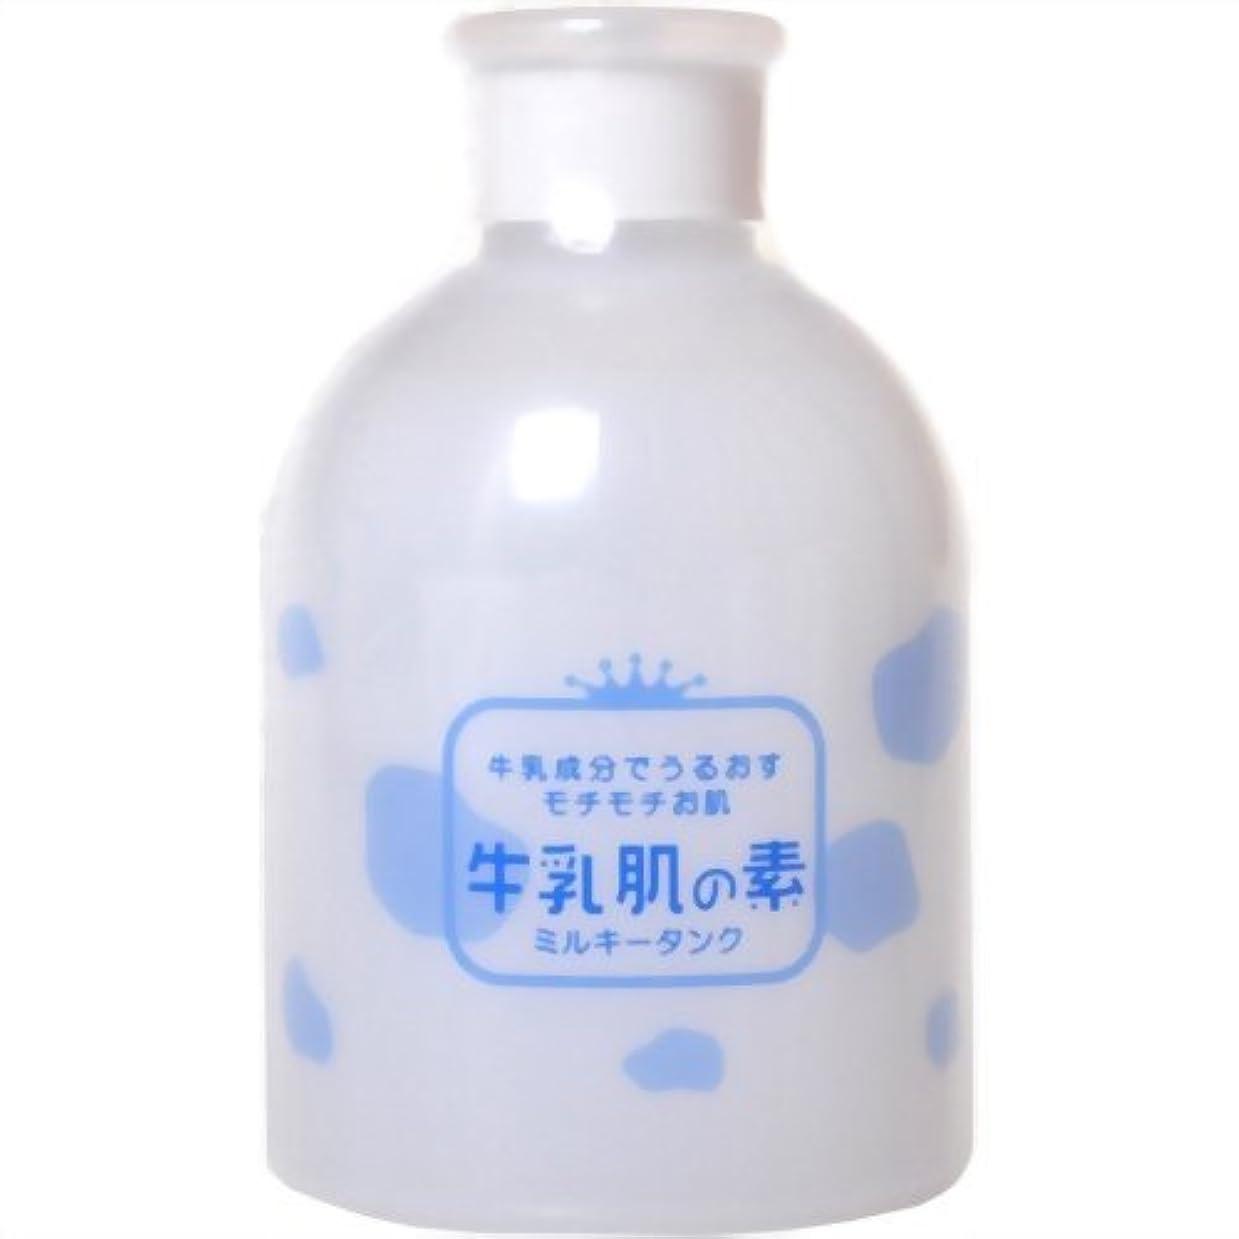 セールスマンコジオスコ粘液牛乳肌の素 ミルキータンク(化粧水) 300ml